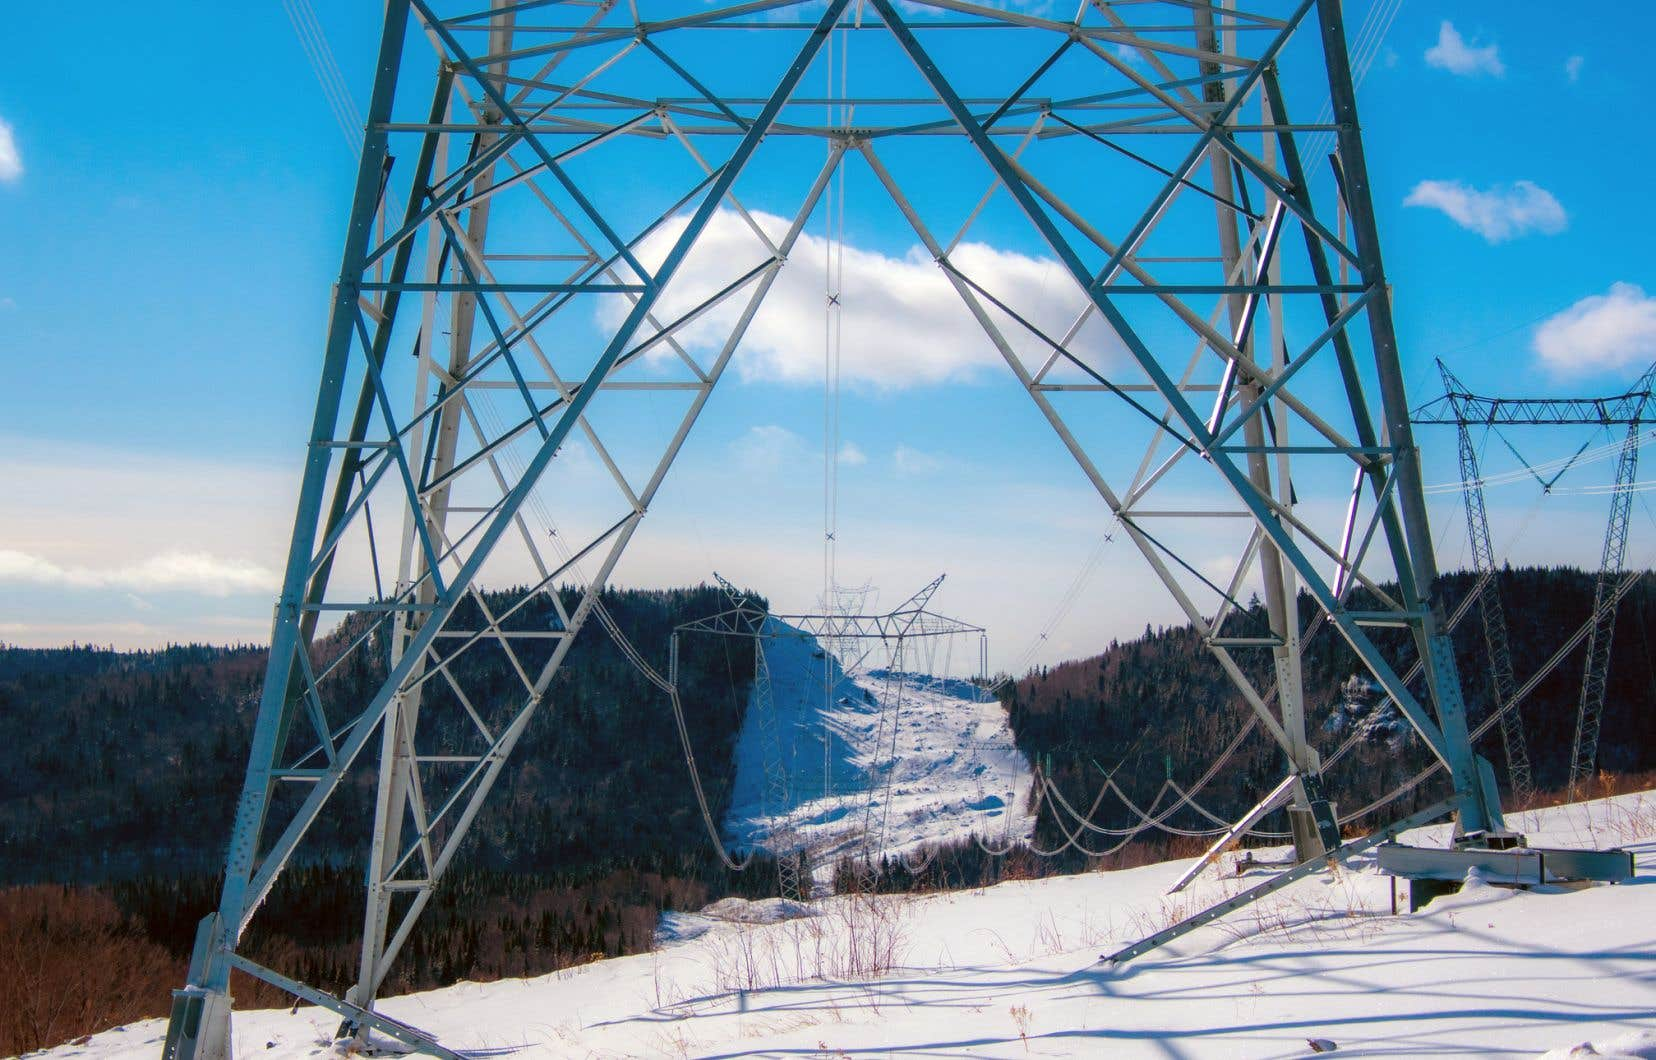 «Les 5 TWh additionnels que demanderait le projet Énergie Saguenay, et que HQD devrait acquérir à fort prix, entraîneraient dès 2027 un impact important sur les coûts d'approvisionnement», écrit l'autrice.